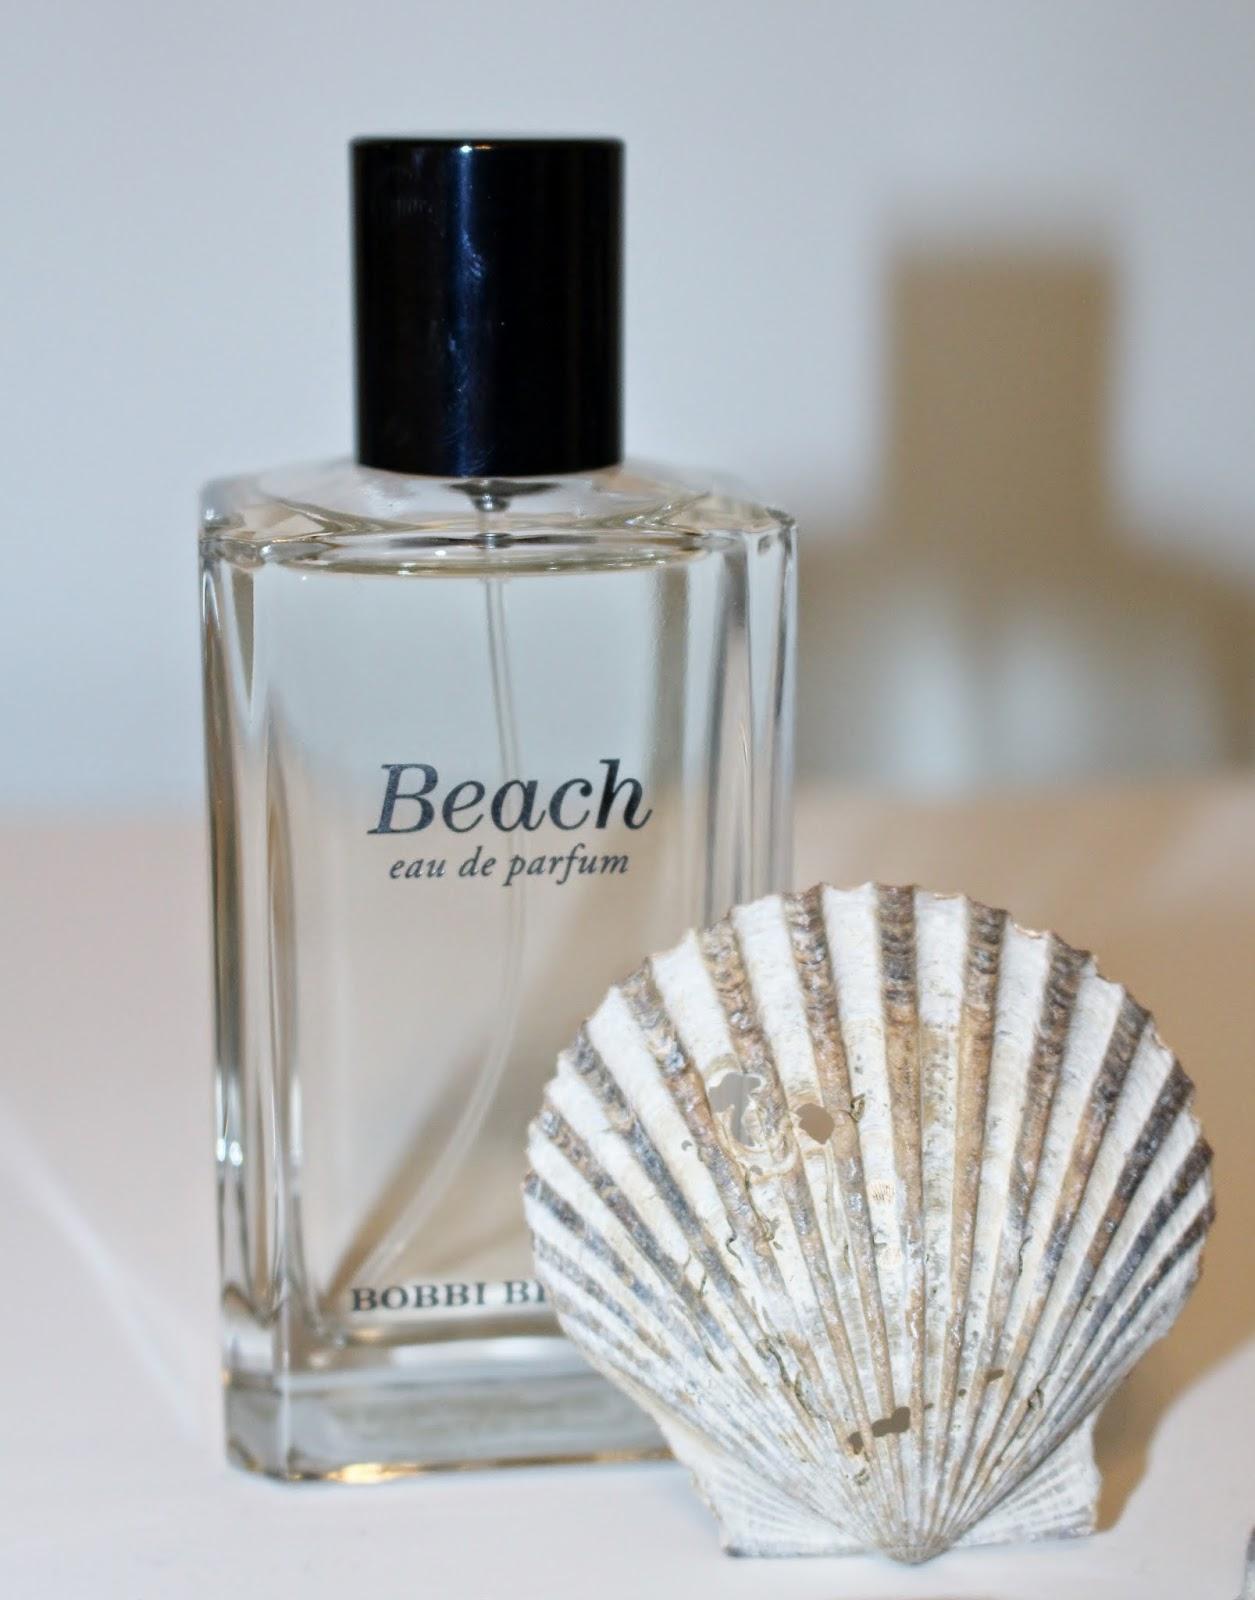 Аромат Bobbi Brown Beach